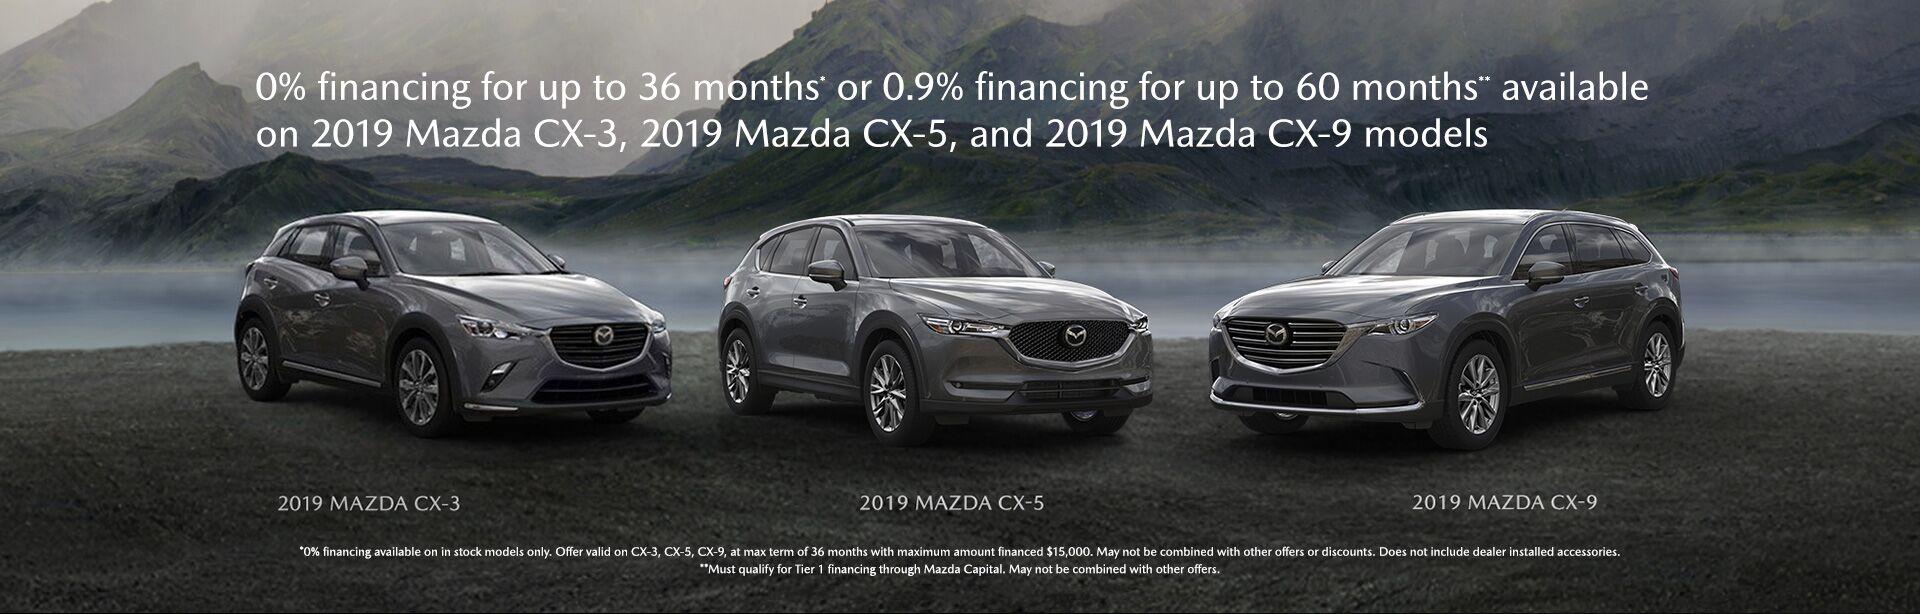 Mazda Dealership Corona Ca Used Cars Cardinaleway Mazda Corona